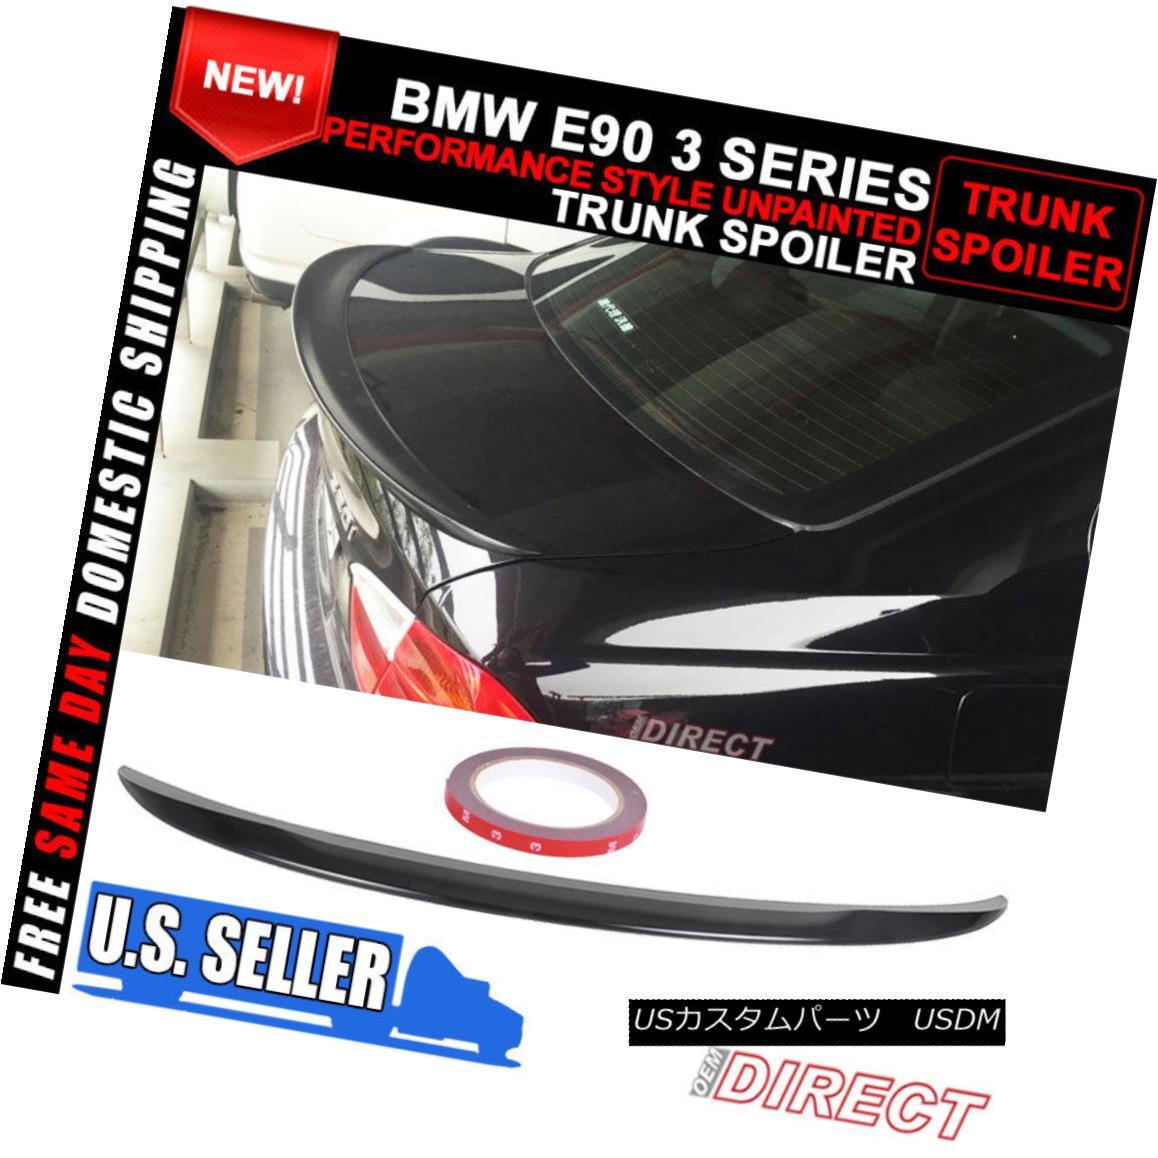 エアロパーツ 06-11 BMW 3 Series E90 Performance Style Unpainted Black ABS Trunk Spoiler 06-11 BMW 3シリーズE90パフォーマンススタイル無塗装ブラックABSトランク・スポイラー